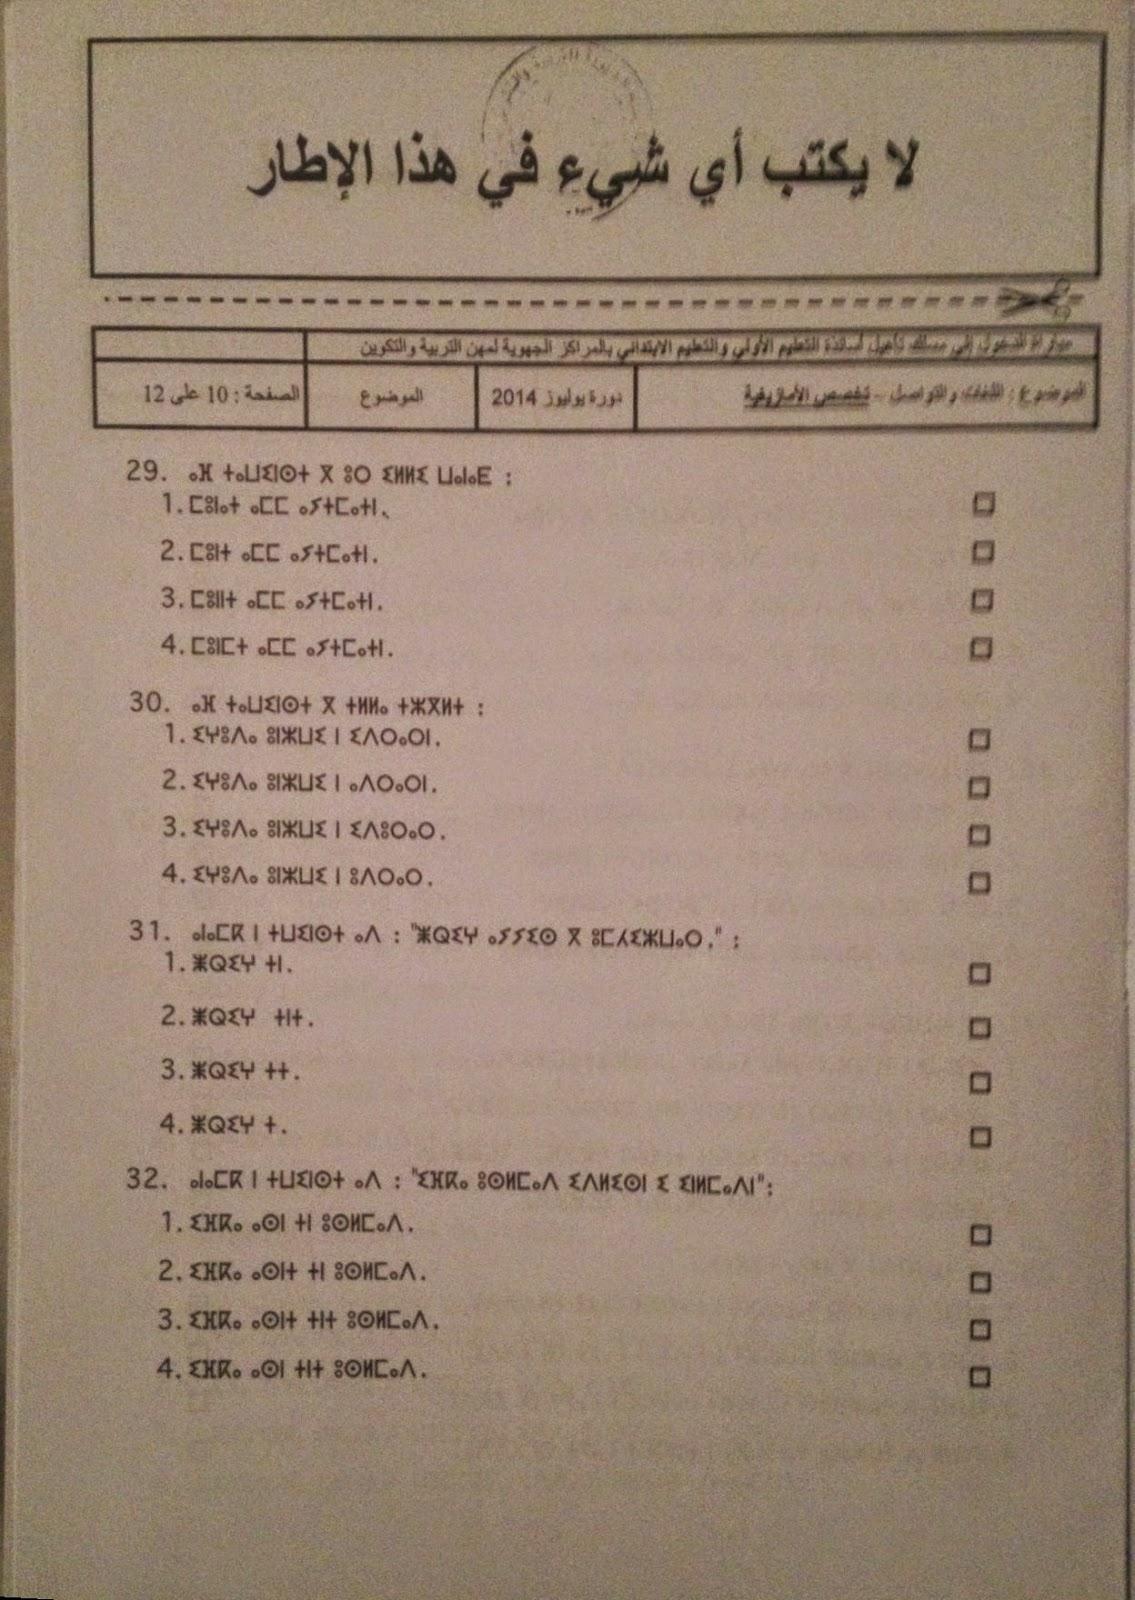 الاختبار الكتابي لولوج المراكز الجهوية للسلك الابتدائي دورة يوليوز 2014- الامازيغية  Nouveau%2Bdocument%2B5_10